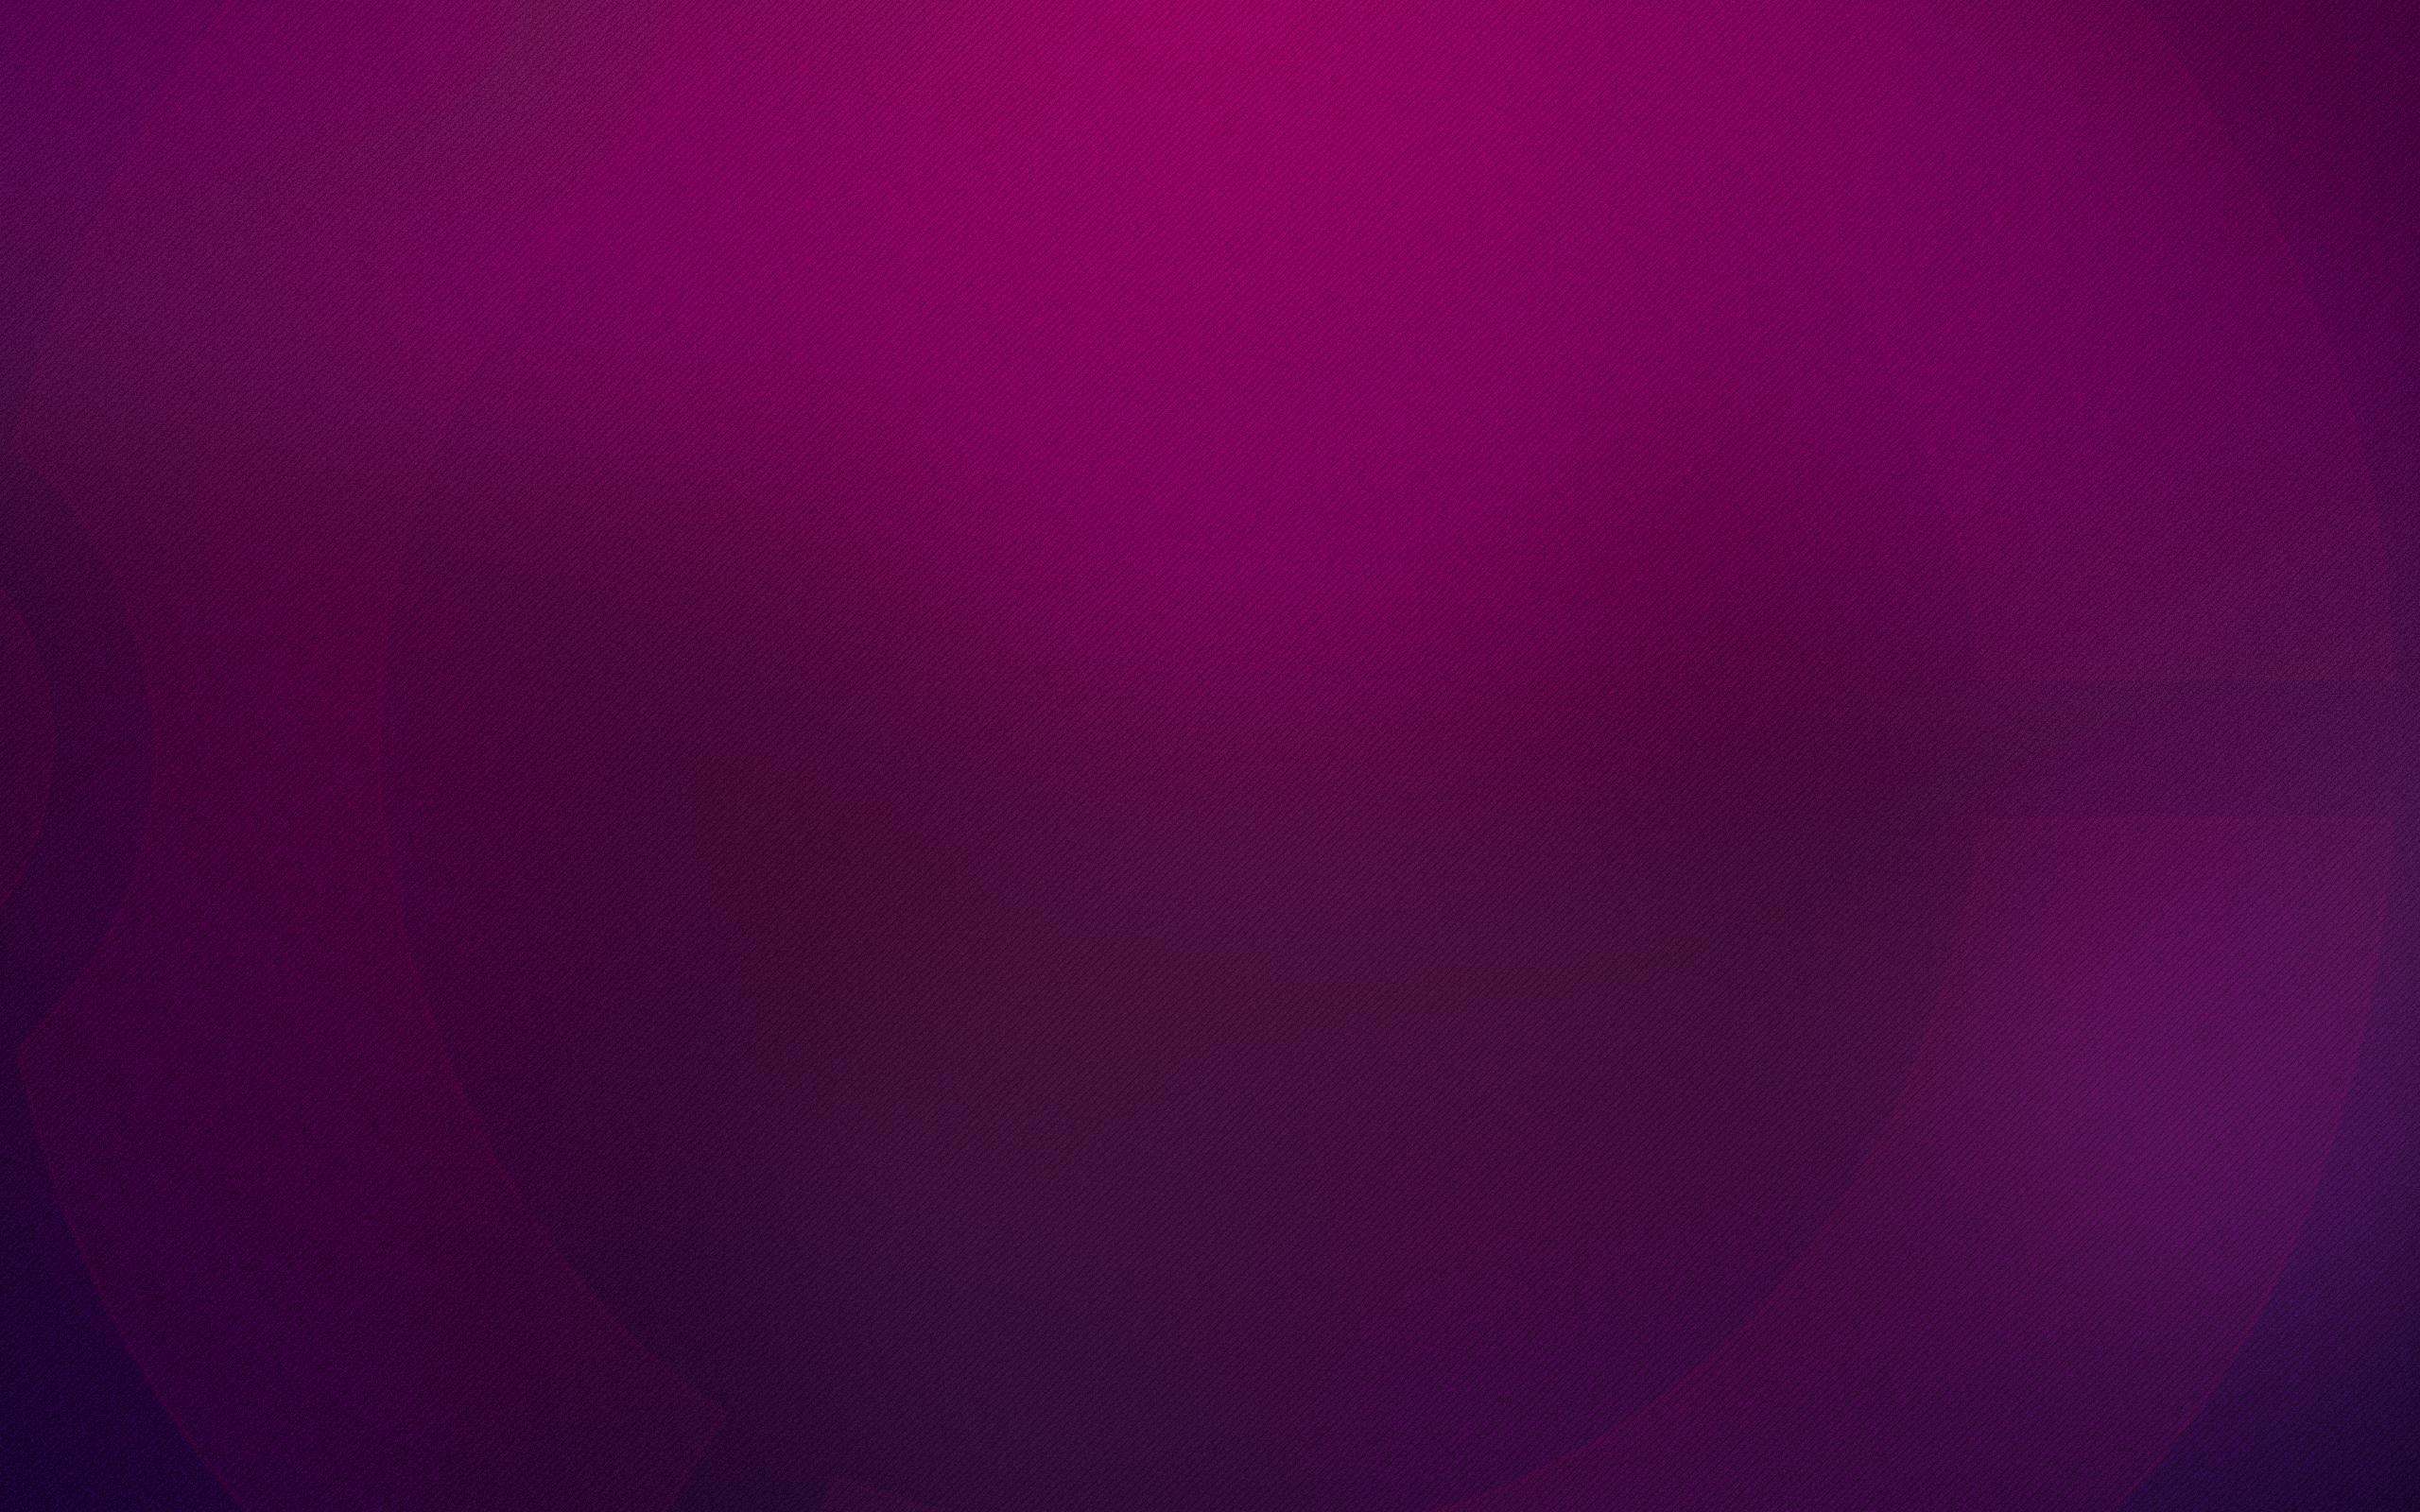 Colored backgrounds wallpapersafari - Dark magenta wallpaper ...